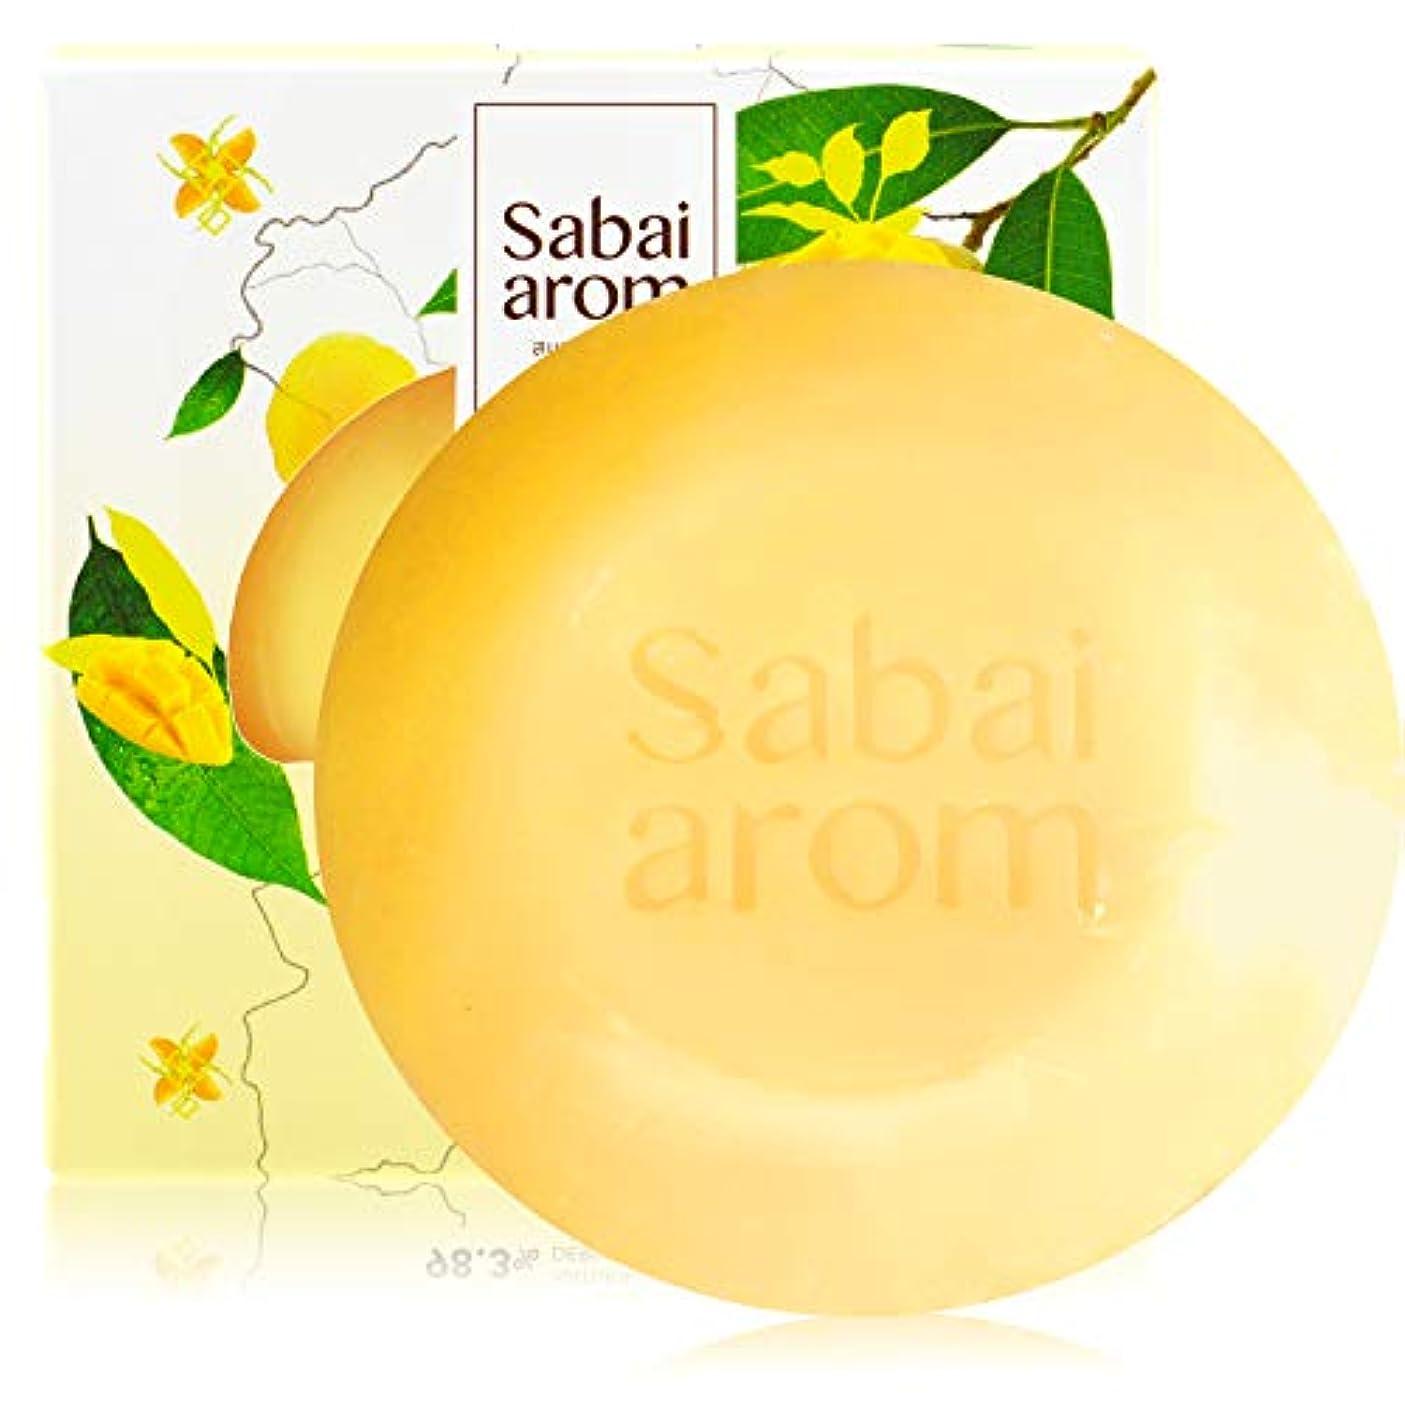 申請者あたたかいナインへサバイアロム(Sabai-arom) マンゴー オーチャード フェイス&ボディソープバー (石鹸) 100g【MAN】【001】